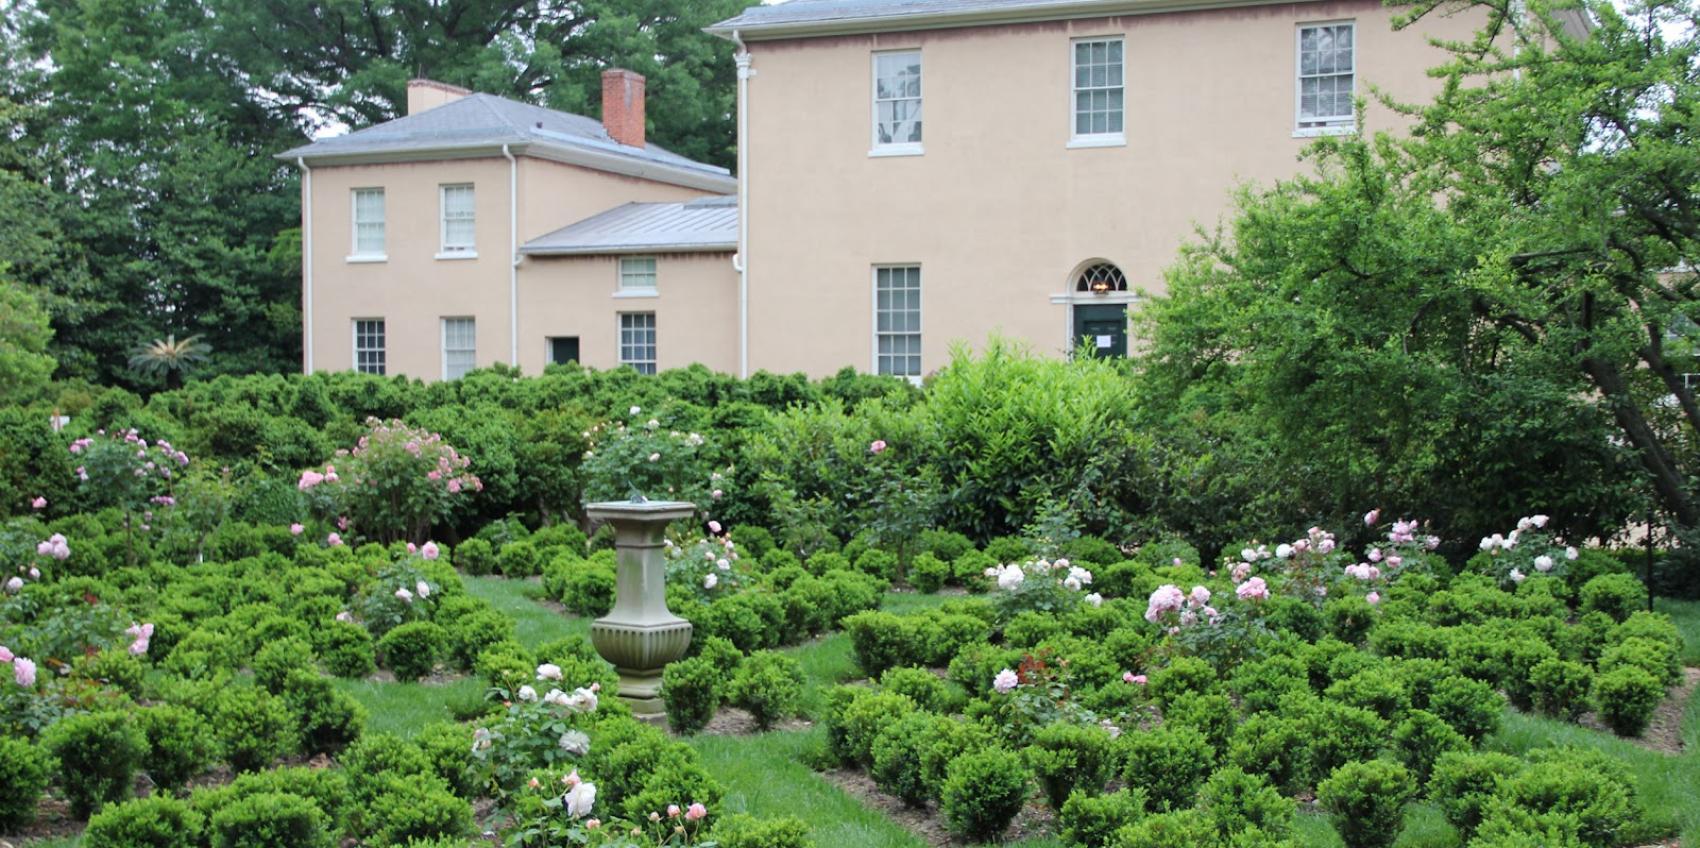 Tudor Place Historic House & Garden | American Public Gardens ...